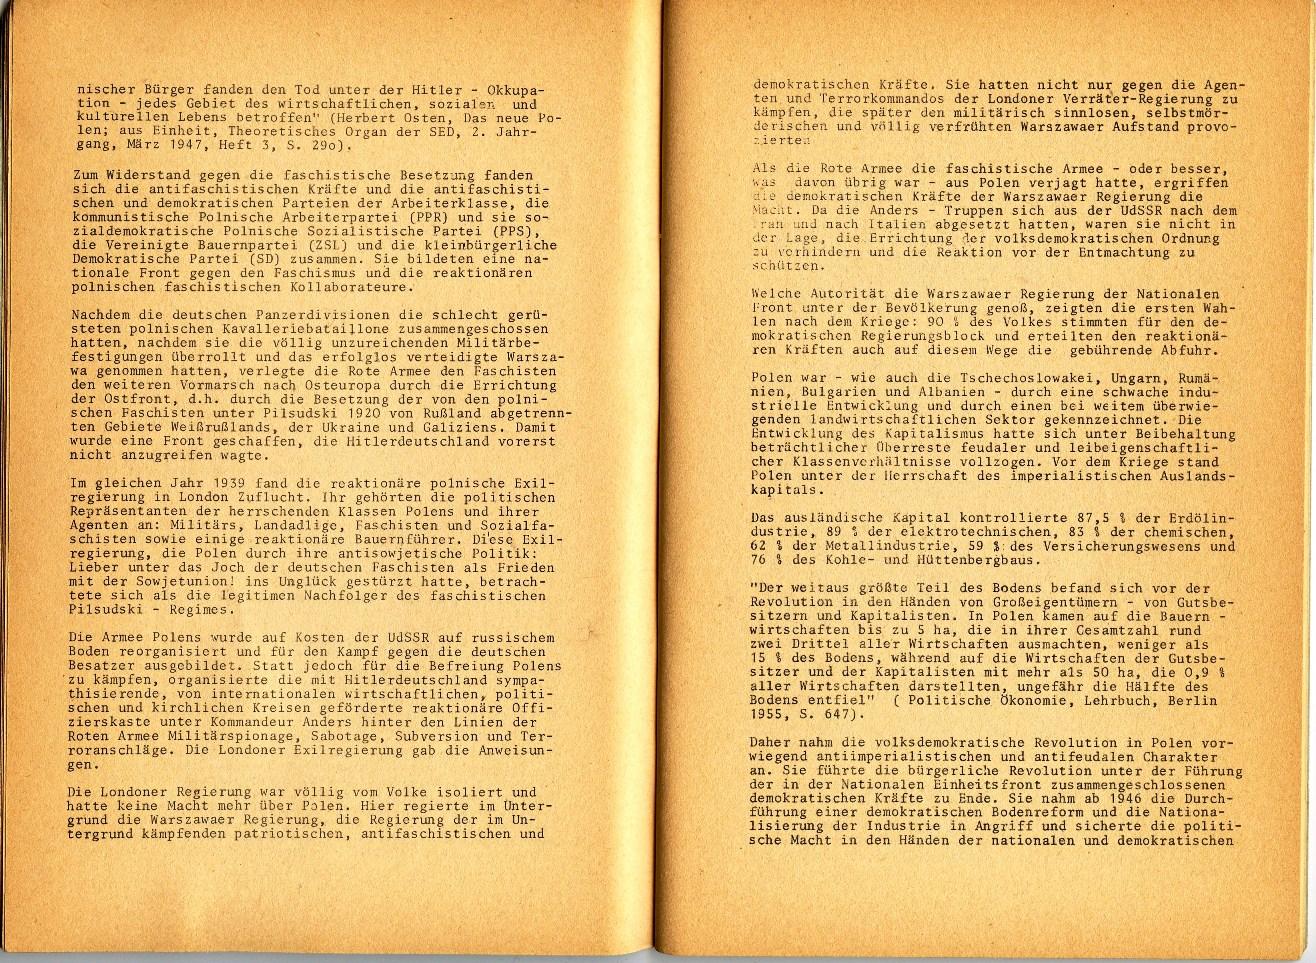 ZB_Polen_Aufstand_1971_07